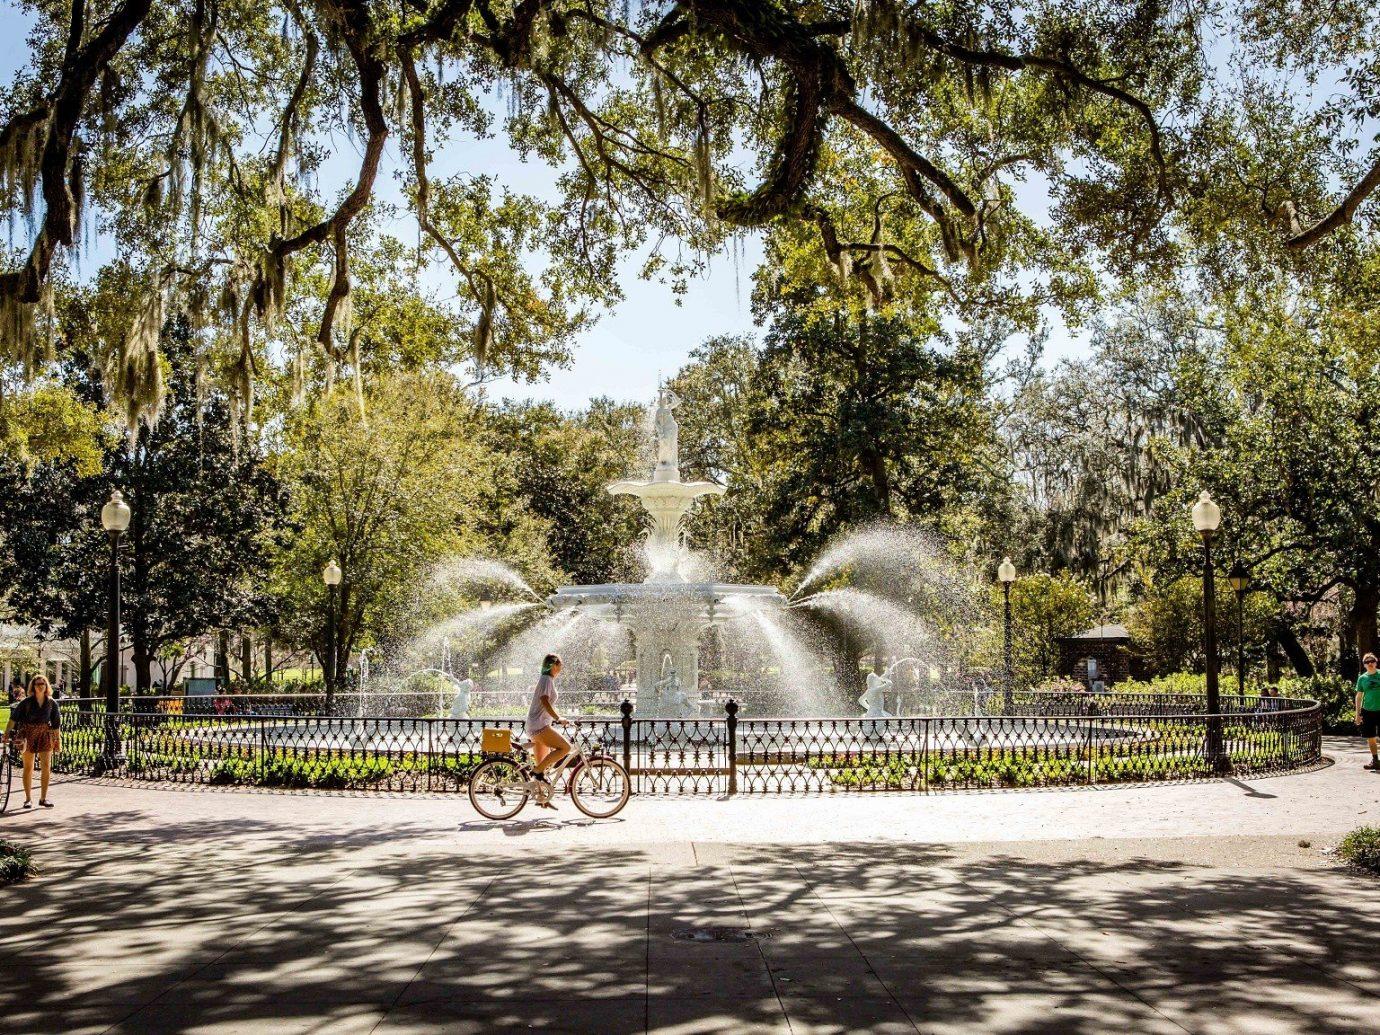 Fountain in a park at Savannah, GA